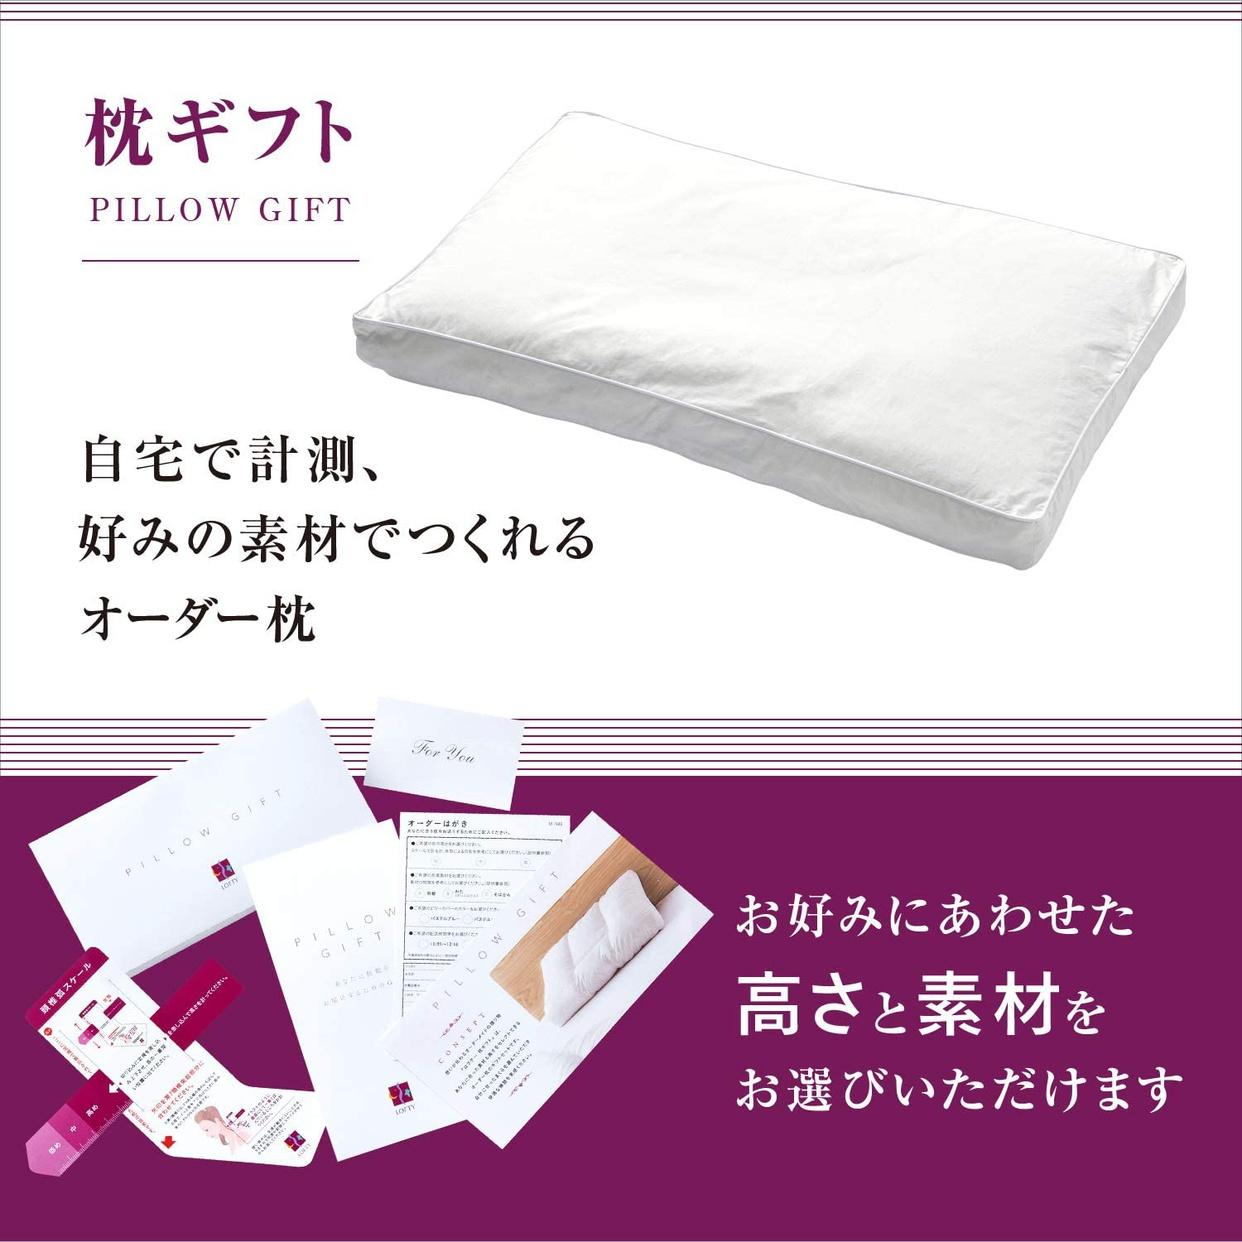 LOFTY(ロフテー) 枕ギフトの商品画像9